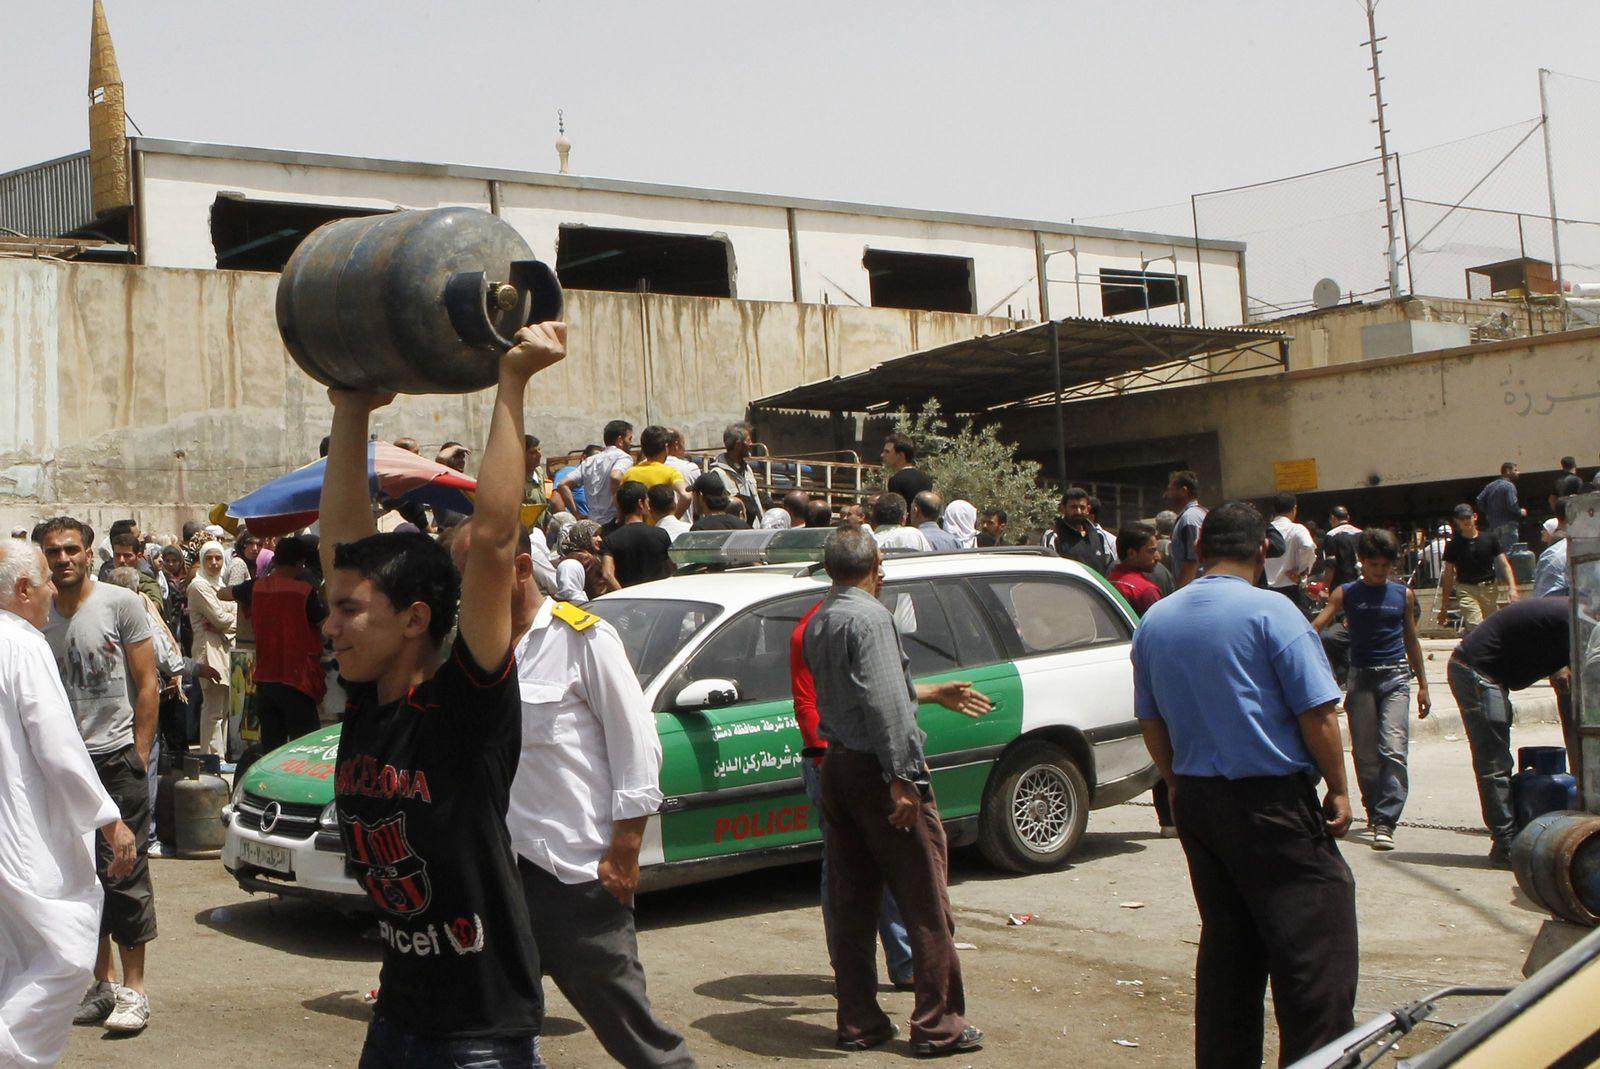 Syria gas economy